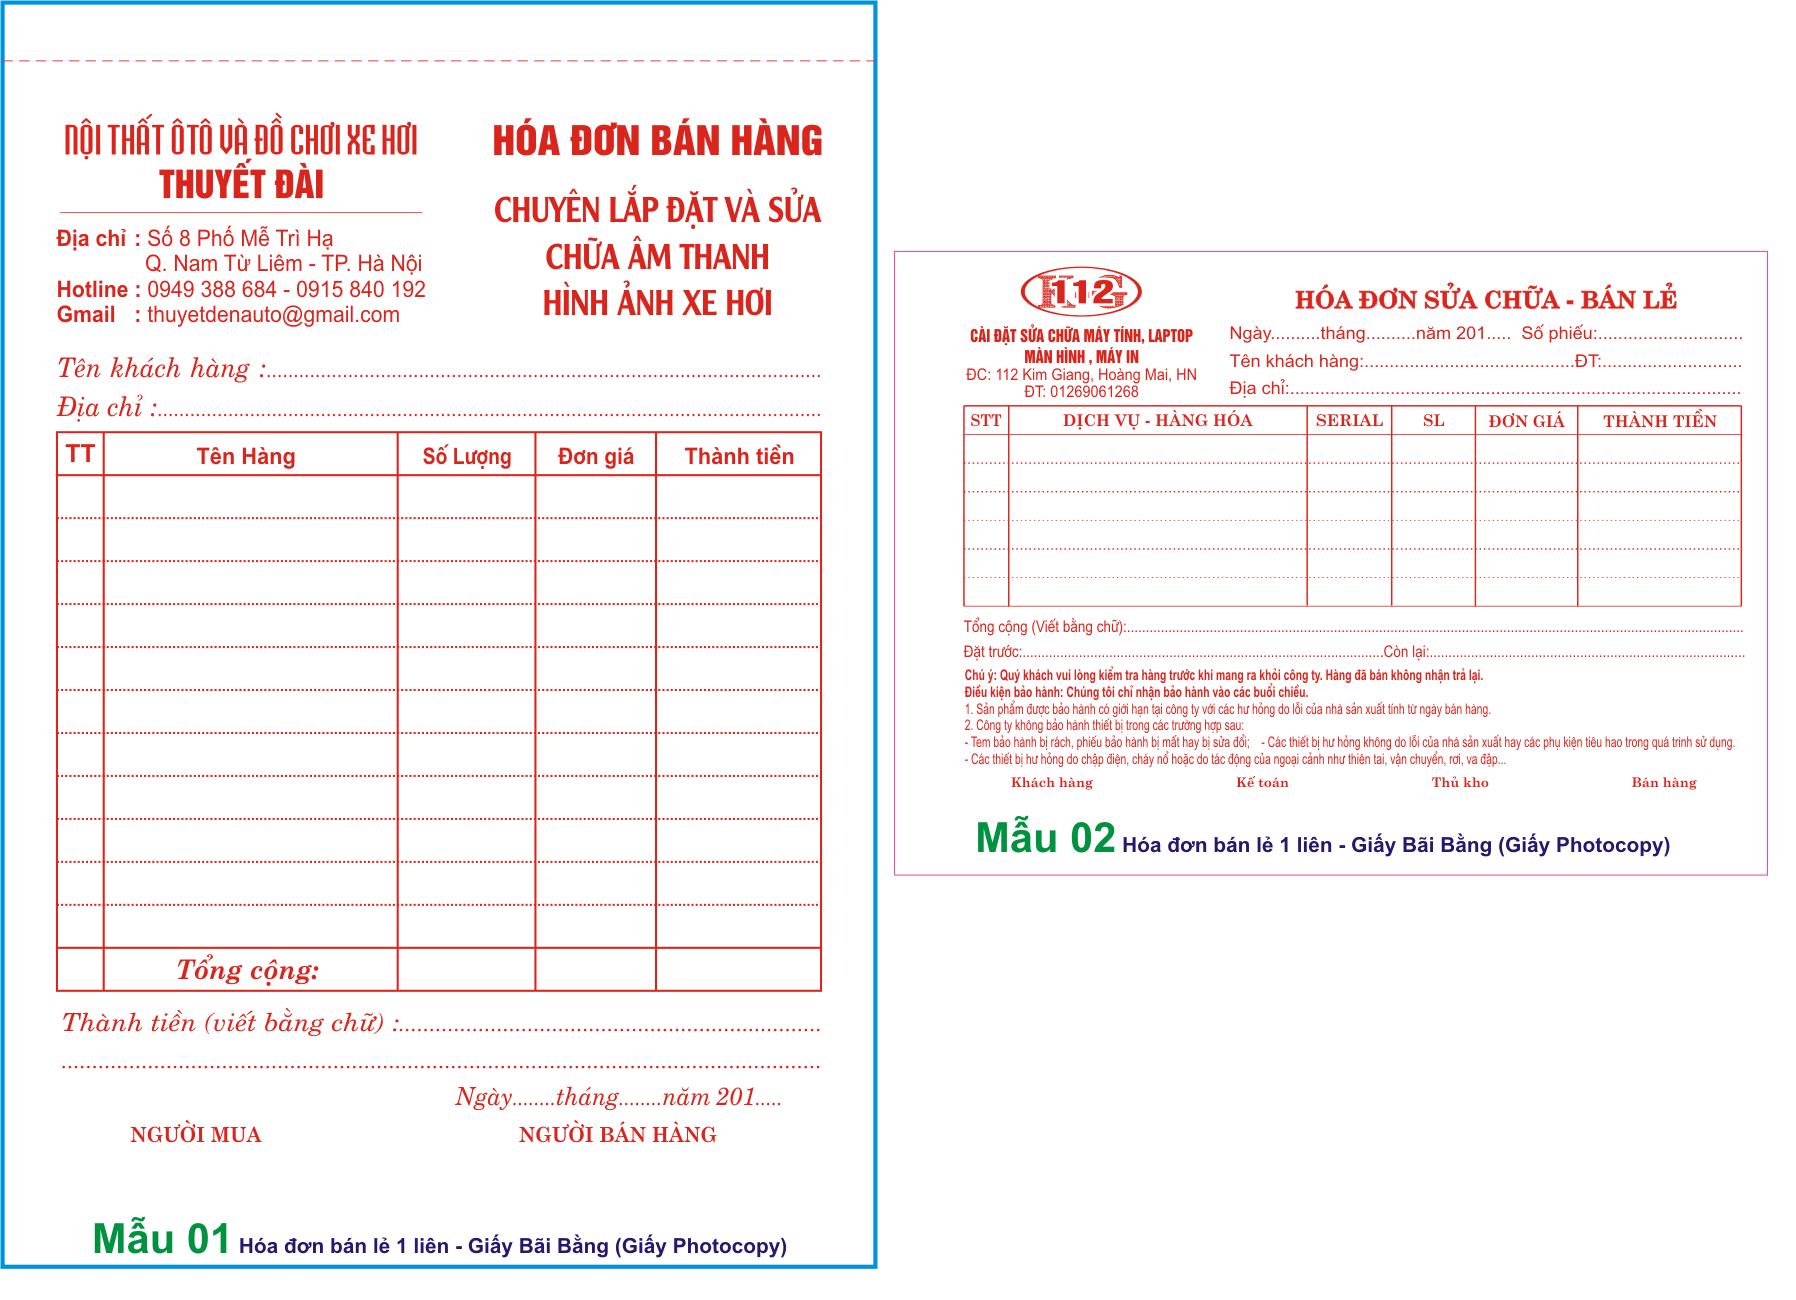 Mẫu hóa đơn bán lẻ A4 - 06